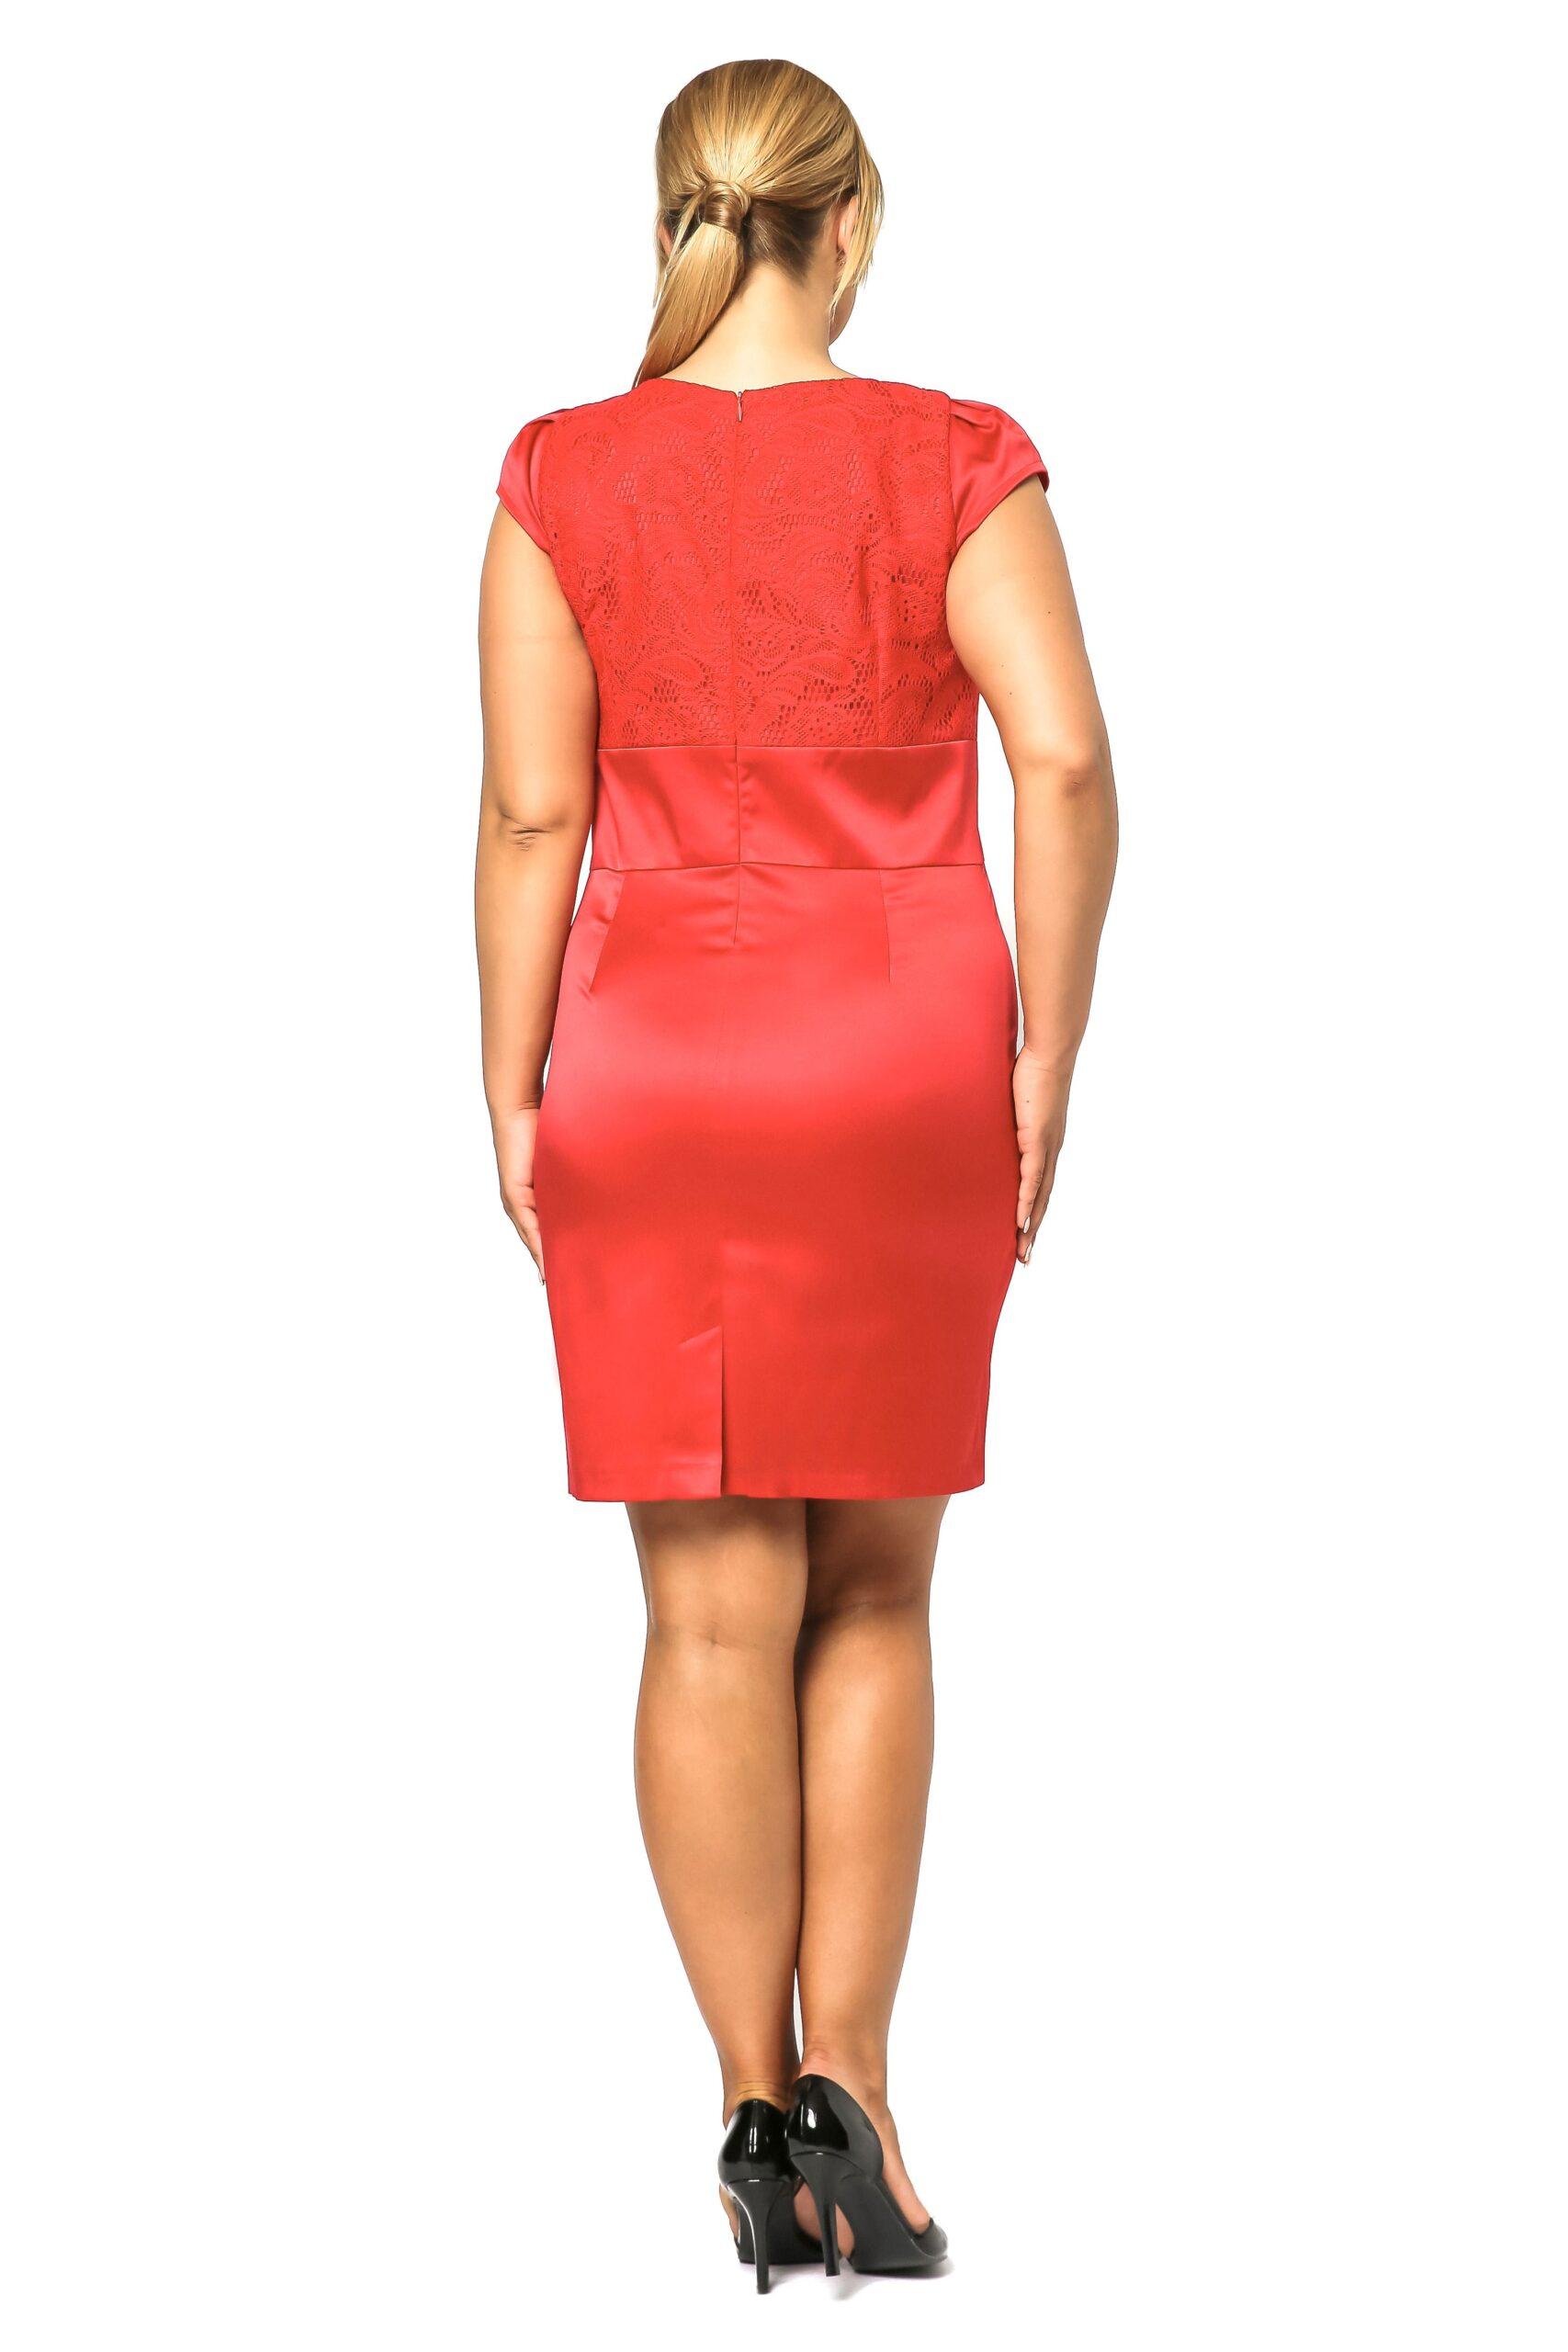 Sukienka Gabi Lace w kolorze czerwonym